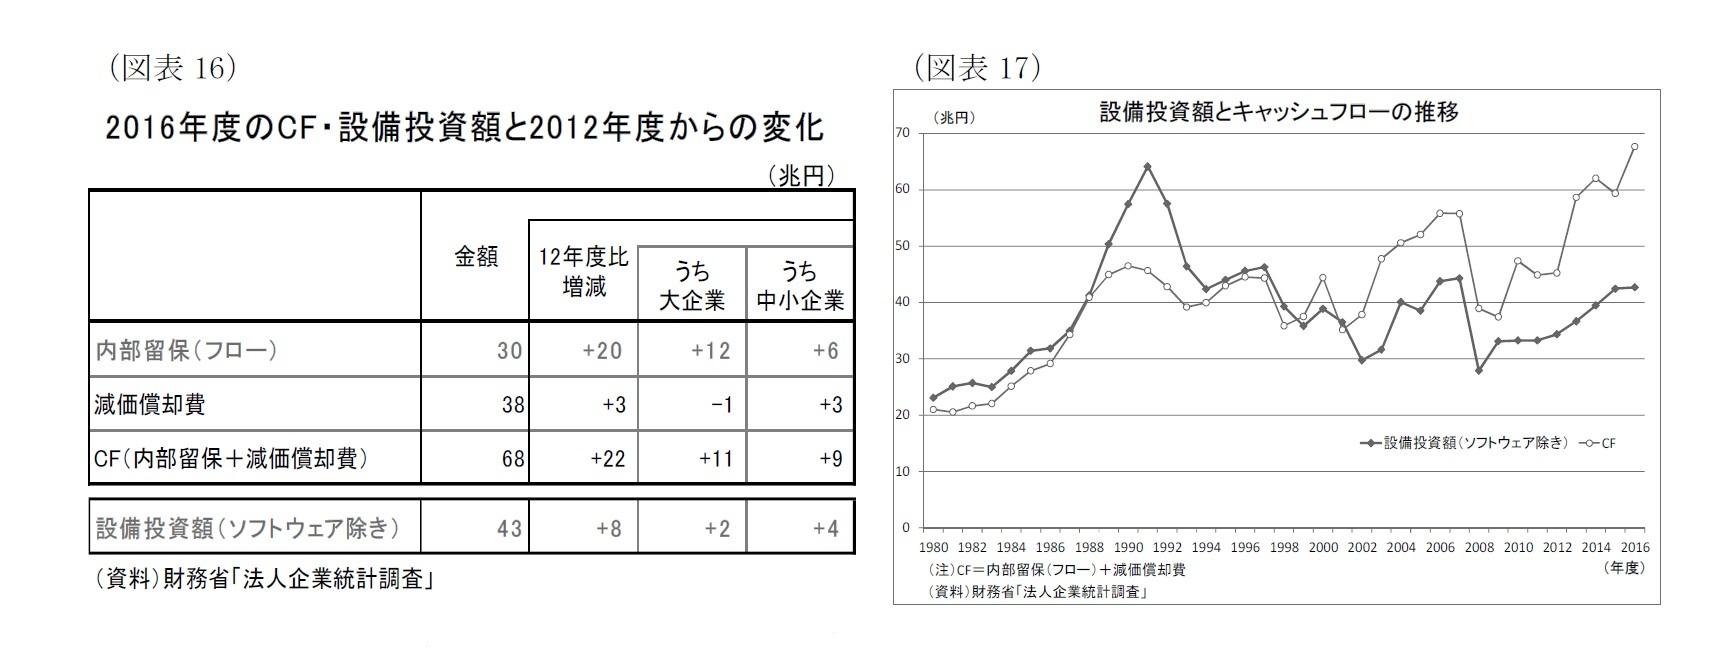 (図表16)2016年度のCF・設備投資額と2012年度からの変化/(図表17)設備投資額とキャッシュフローの推移